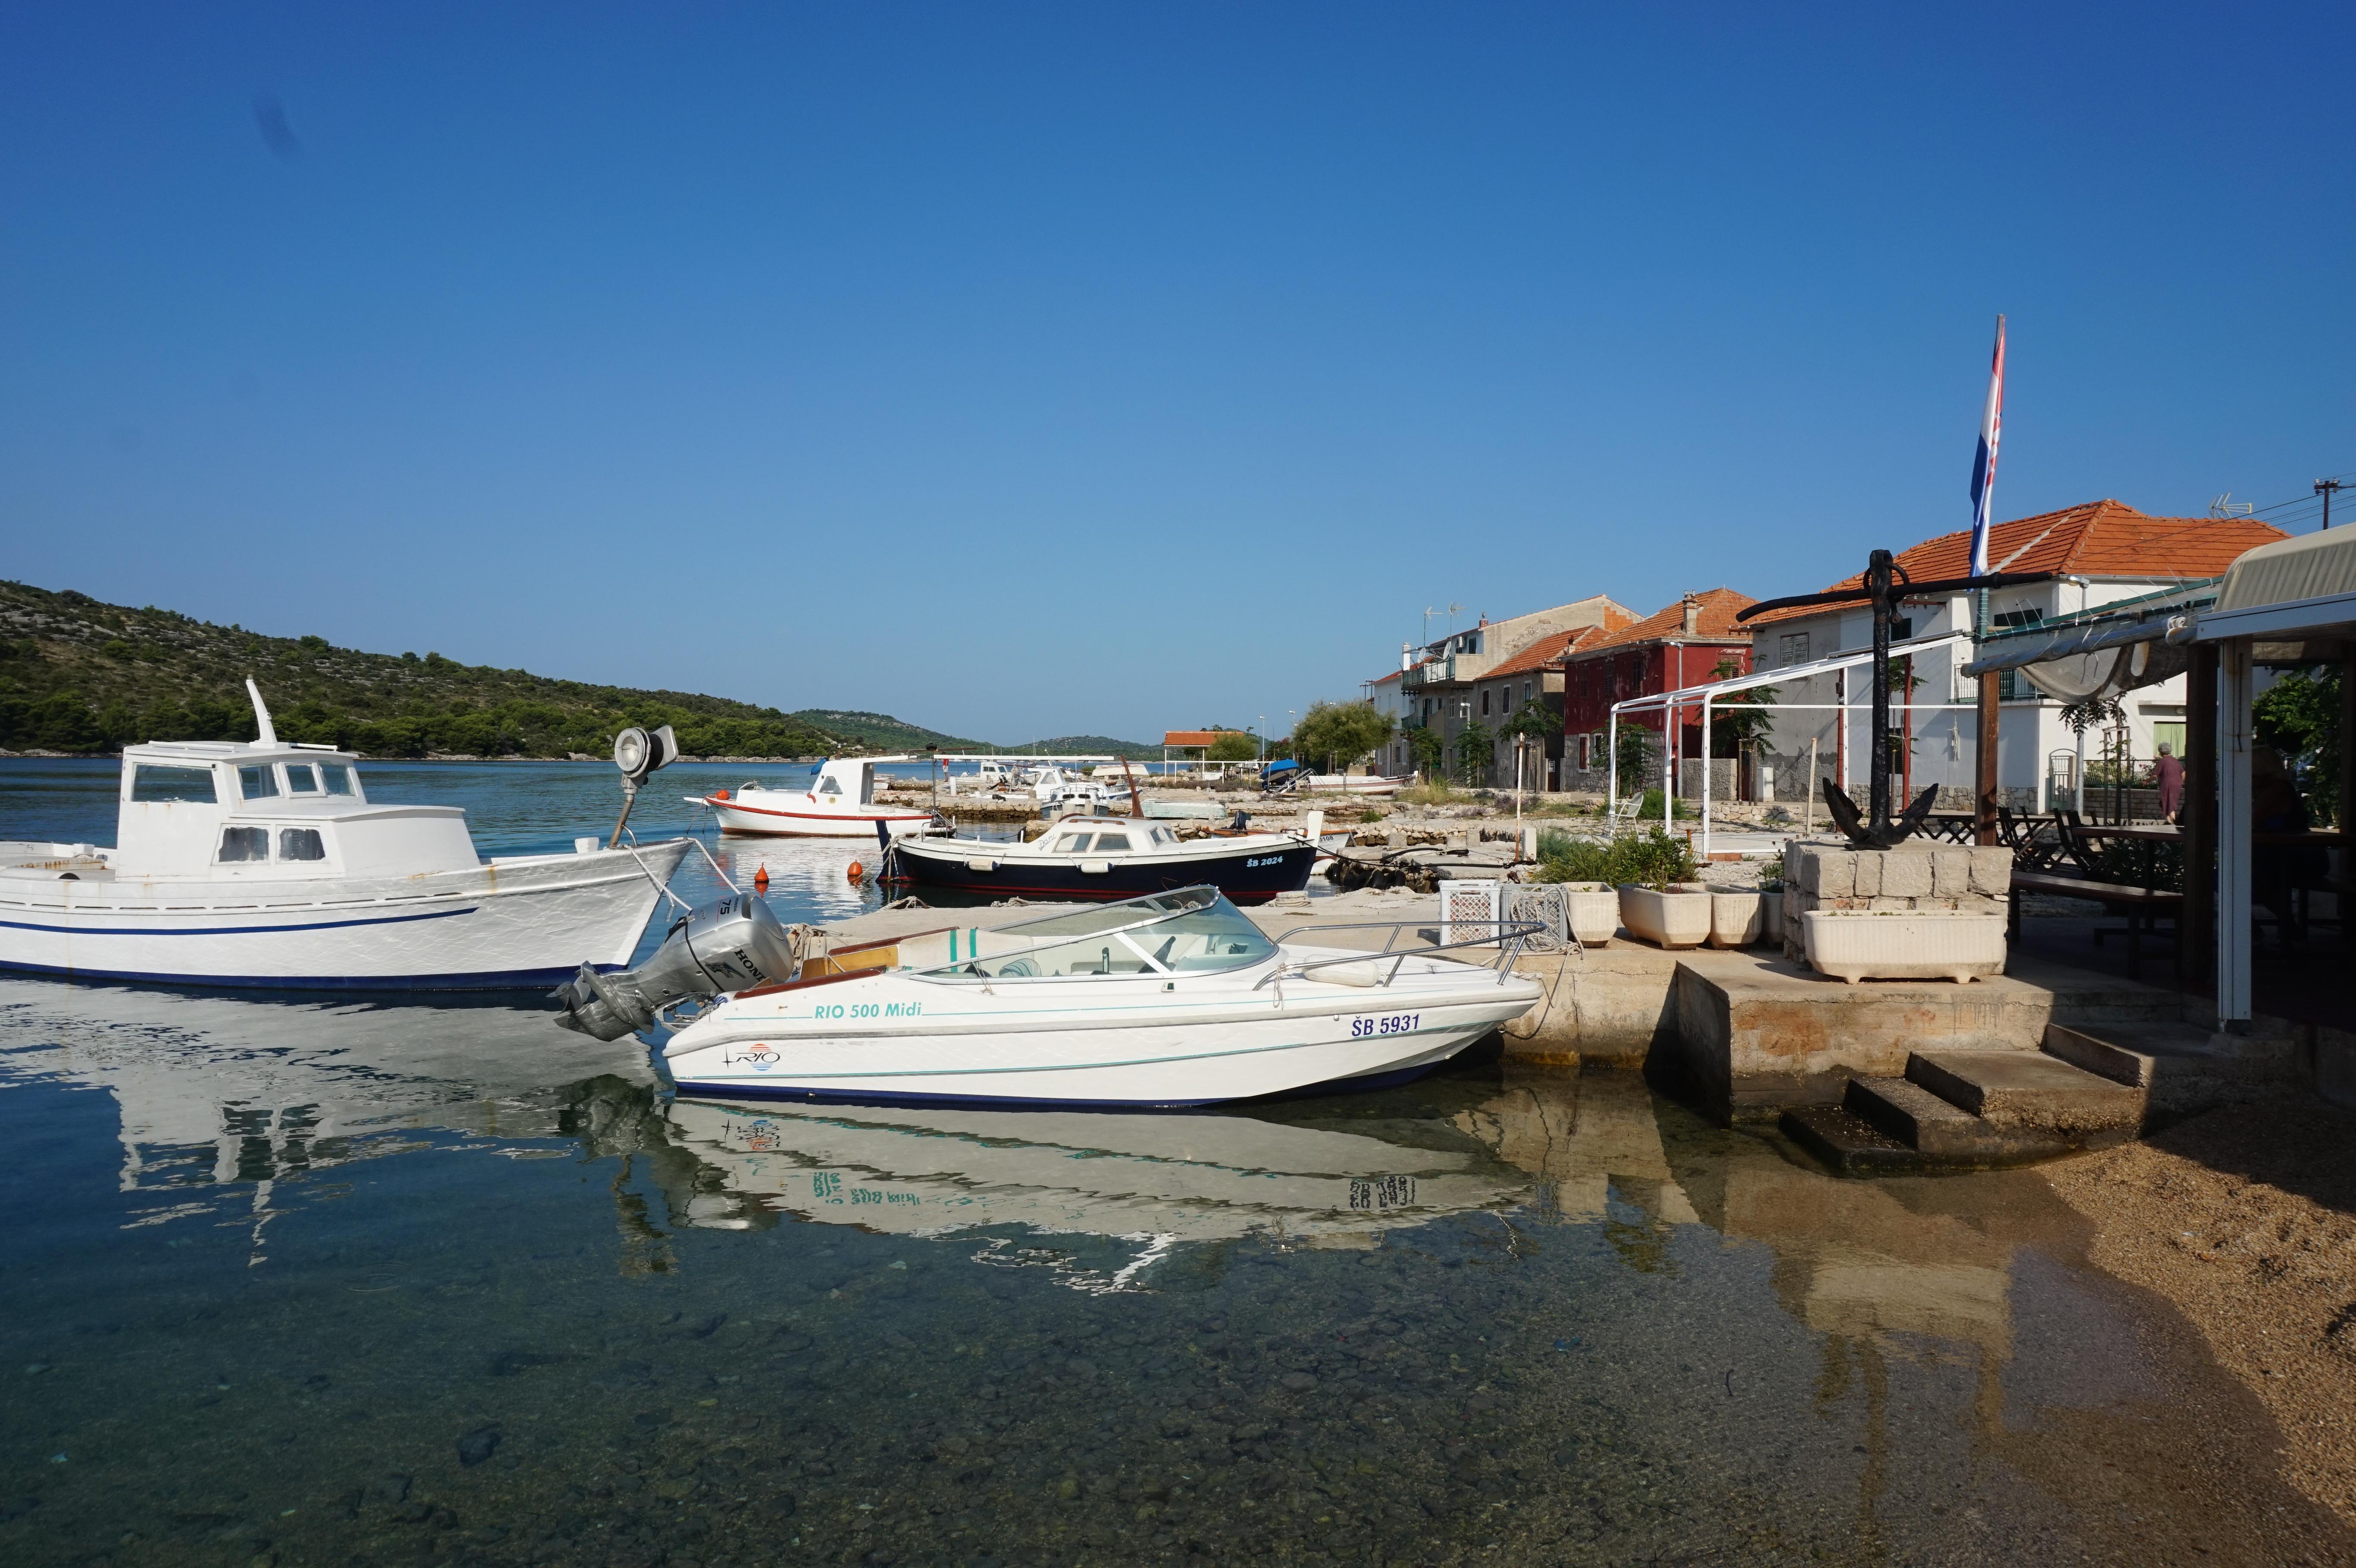 Noleggio Barche Isola di Kaprije - Navalia | Noleggia un Sogno